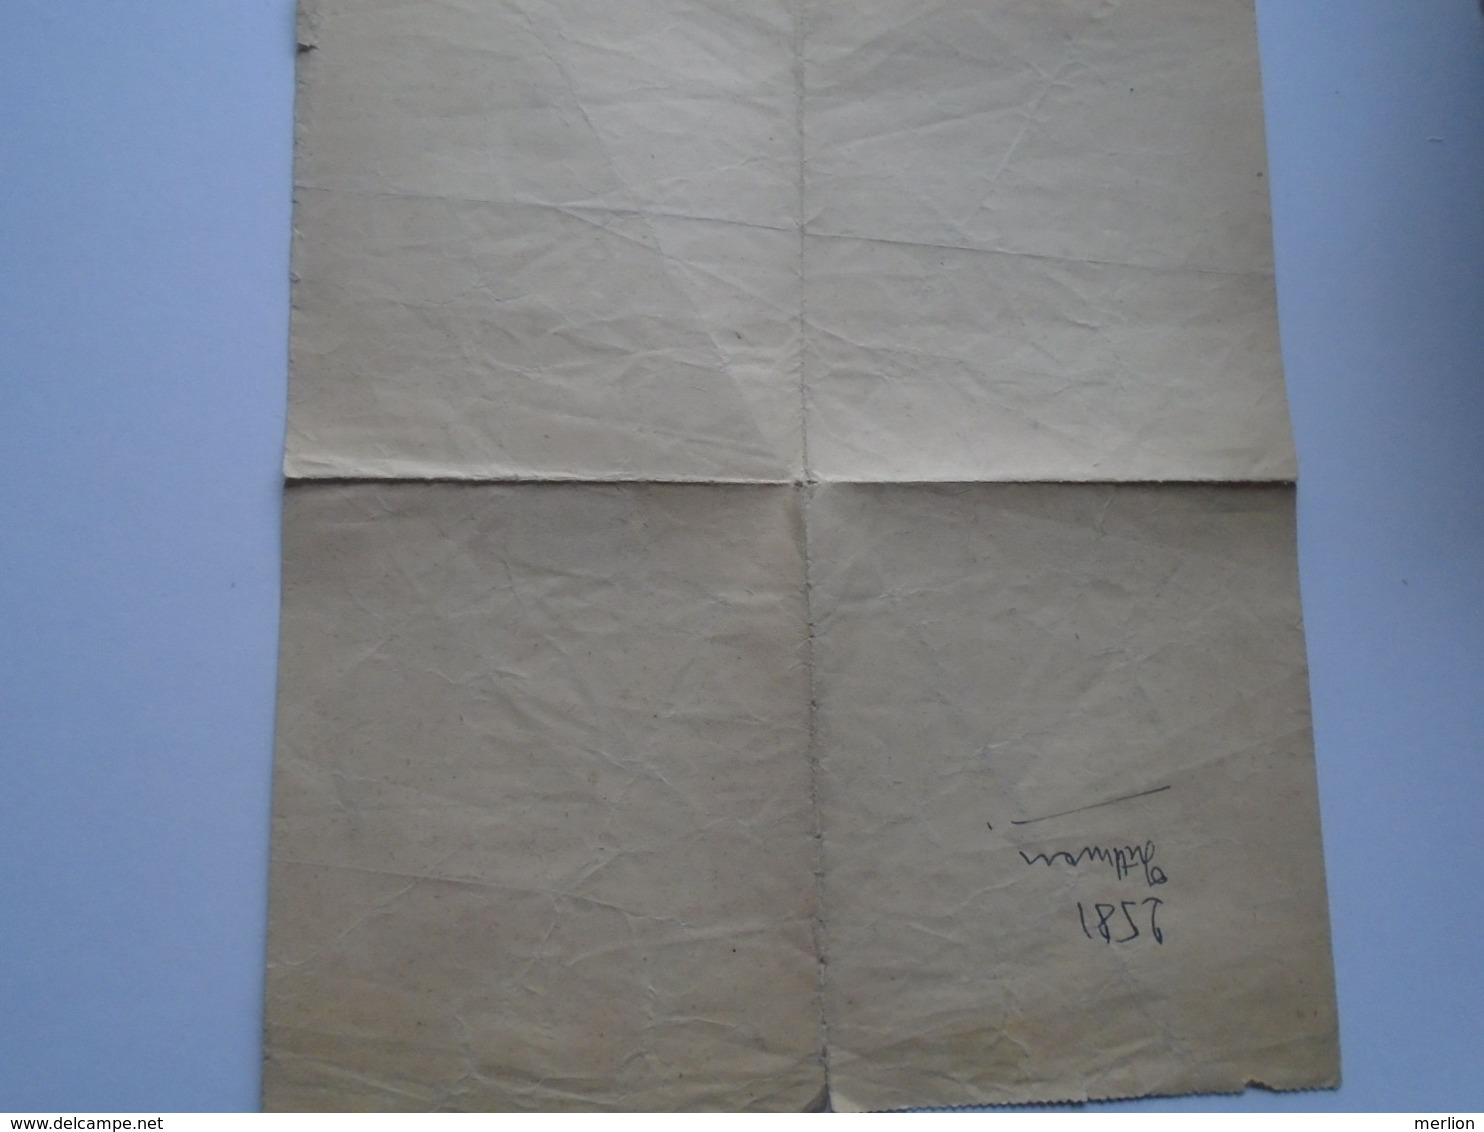 D168964 Budapest Hungary -  Hotel Astoria Szálloda - Invoice Rechung -  198 Ft 16 Fill.  -1948  -tax Stamp - Facturas & Documentos Mercantiles